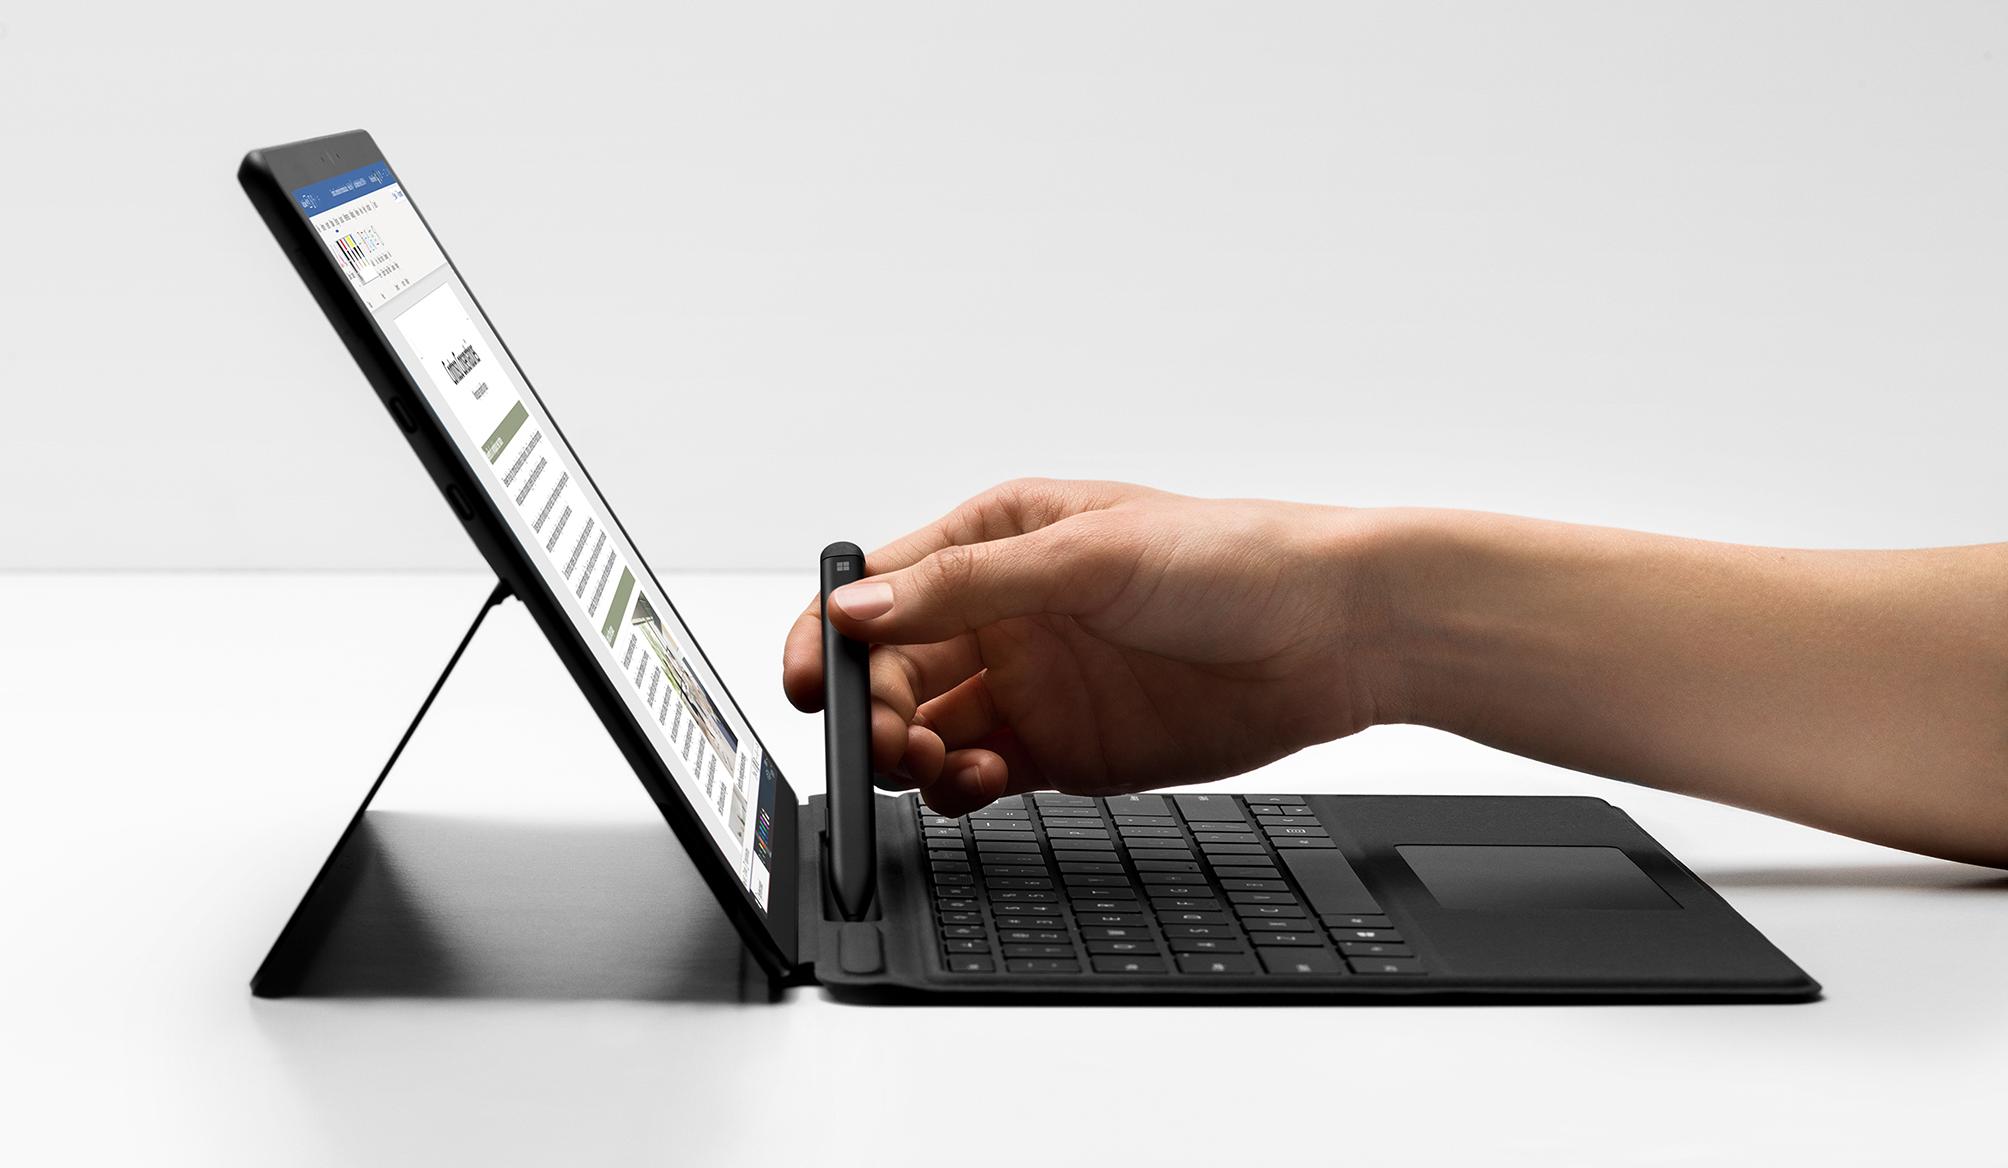 새로운 Surface Pro X에서 펜을 분리하는 손을 보여 주는 이미지.